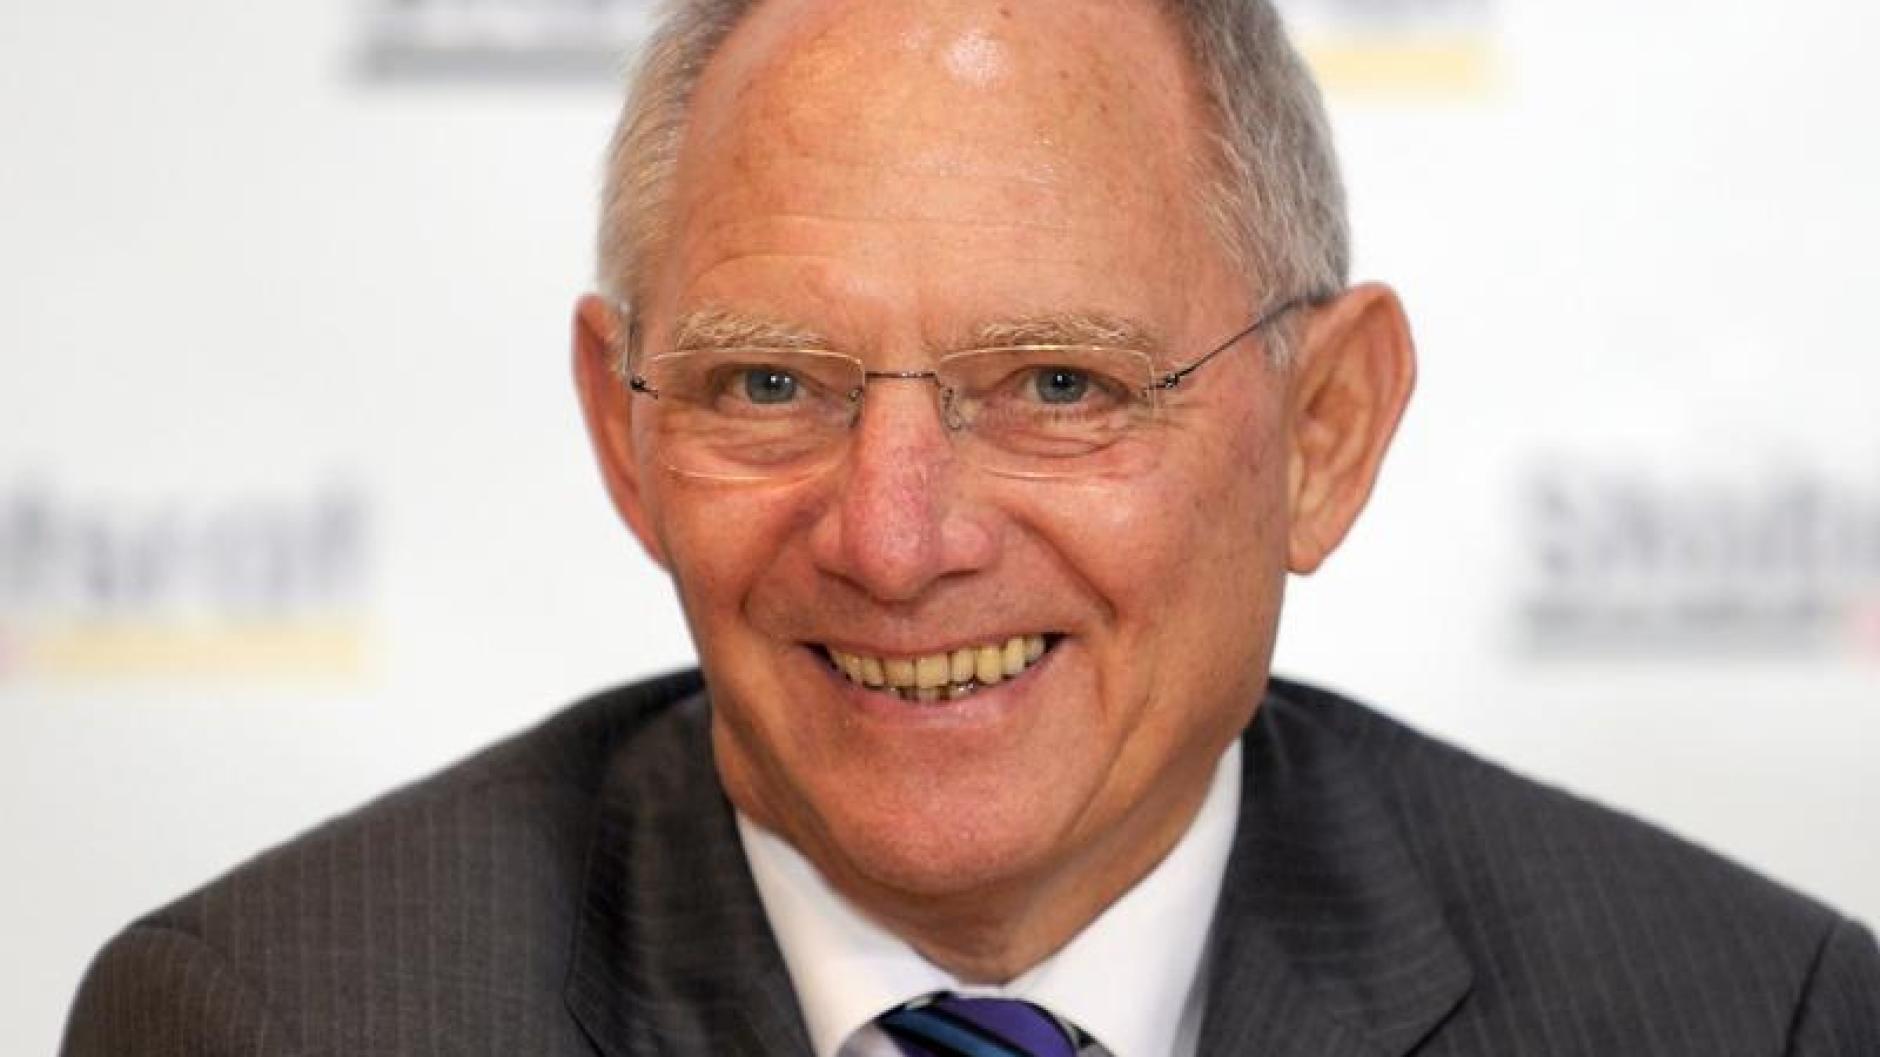 Bundesfinanzminister Schäuble: Ich möchte Ihnen gern die